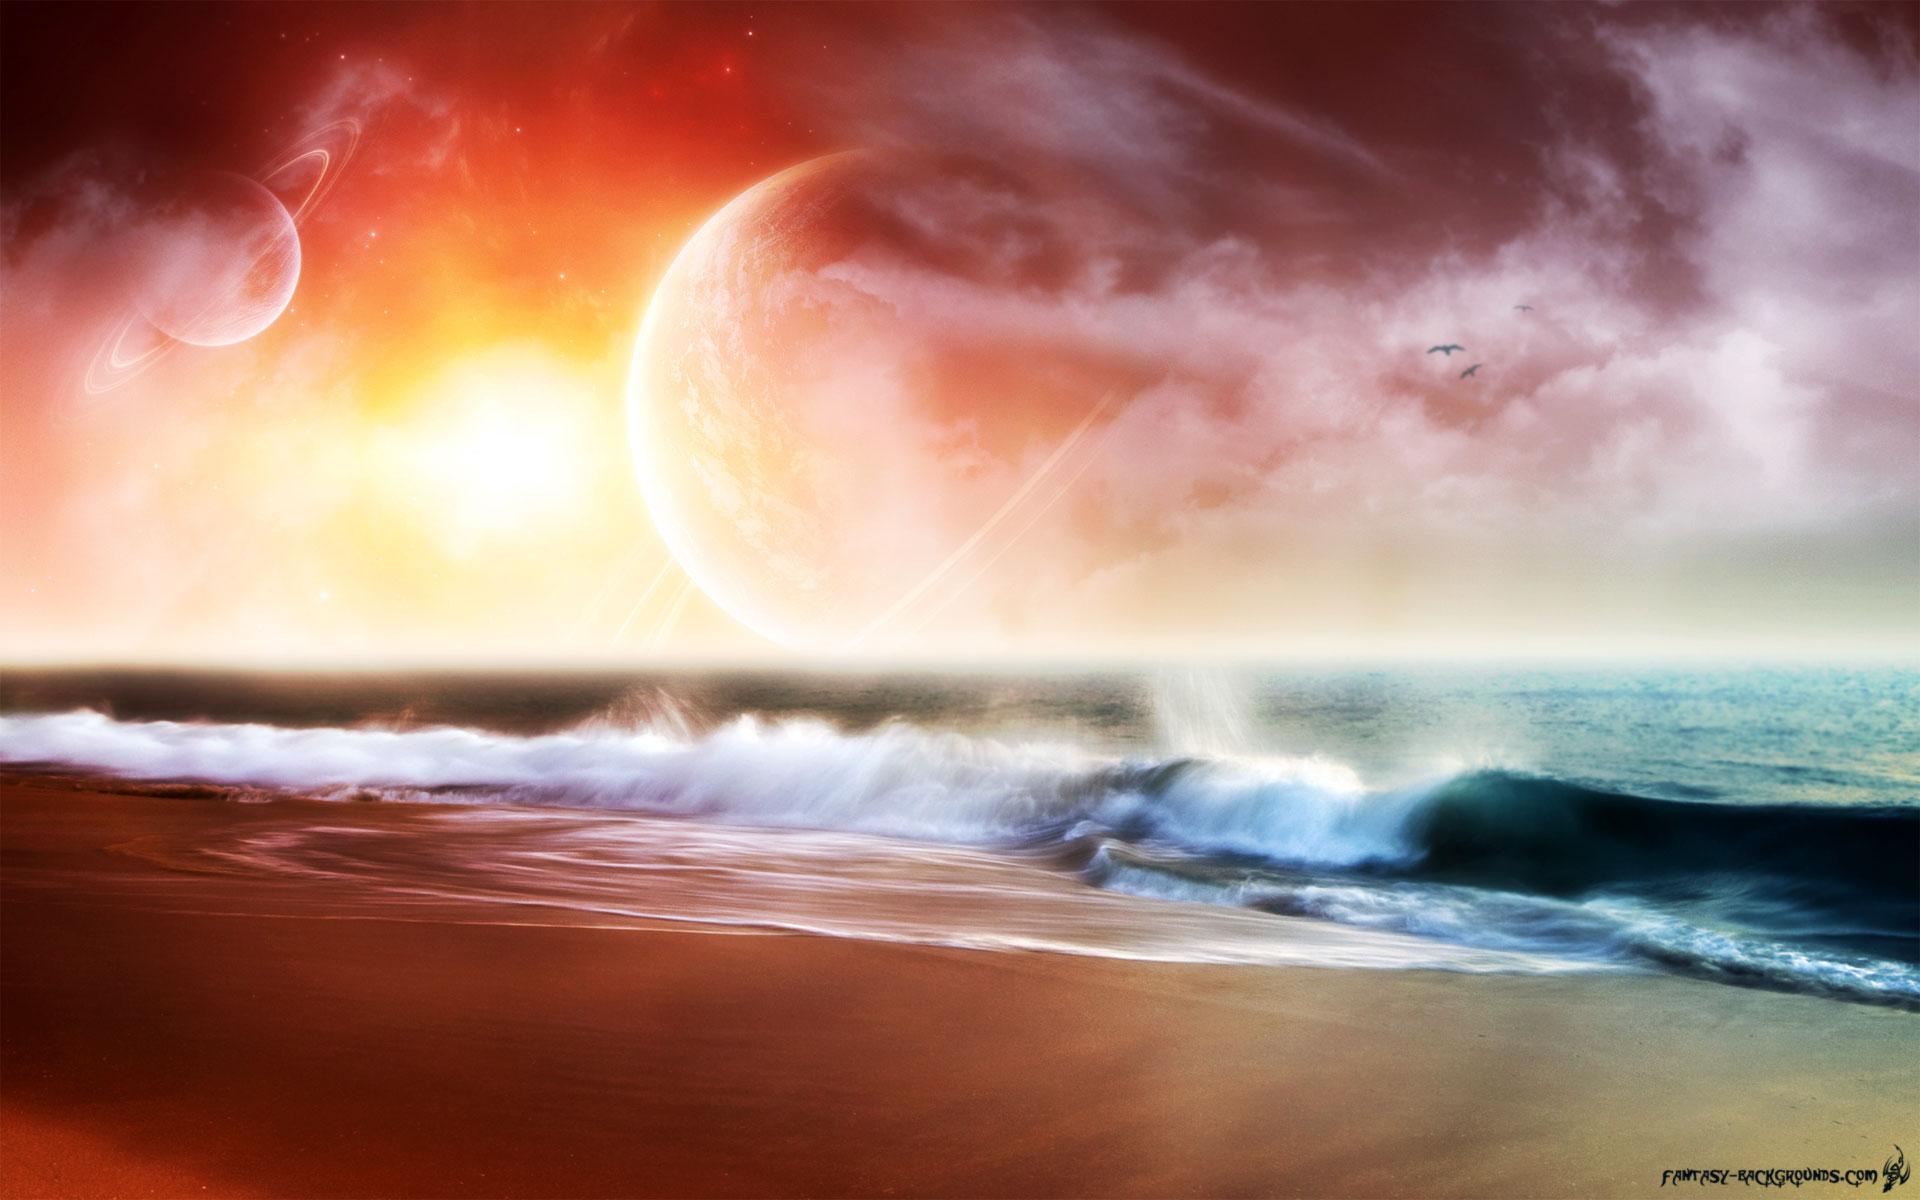 image - distant-fantasy-world- | superpower wiki | fandom